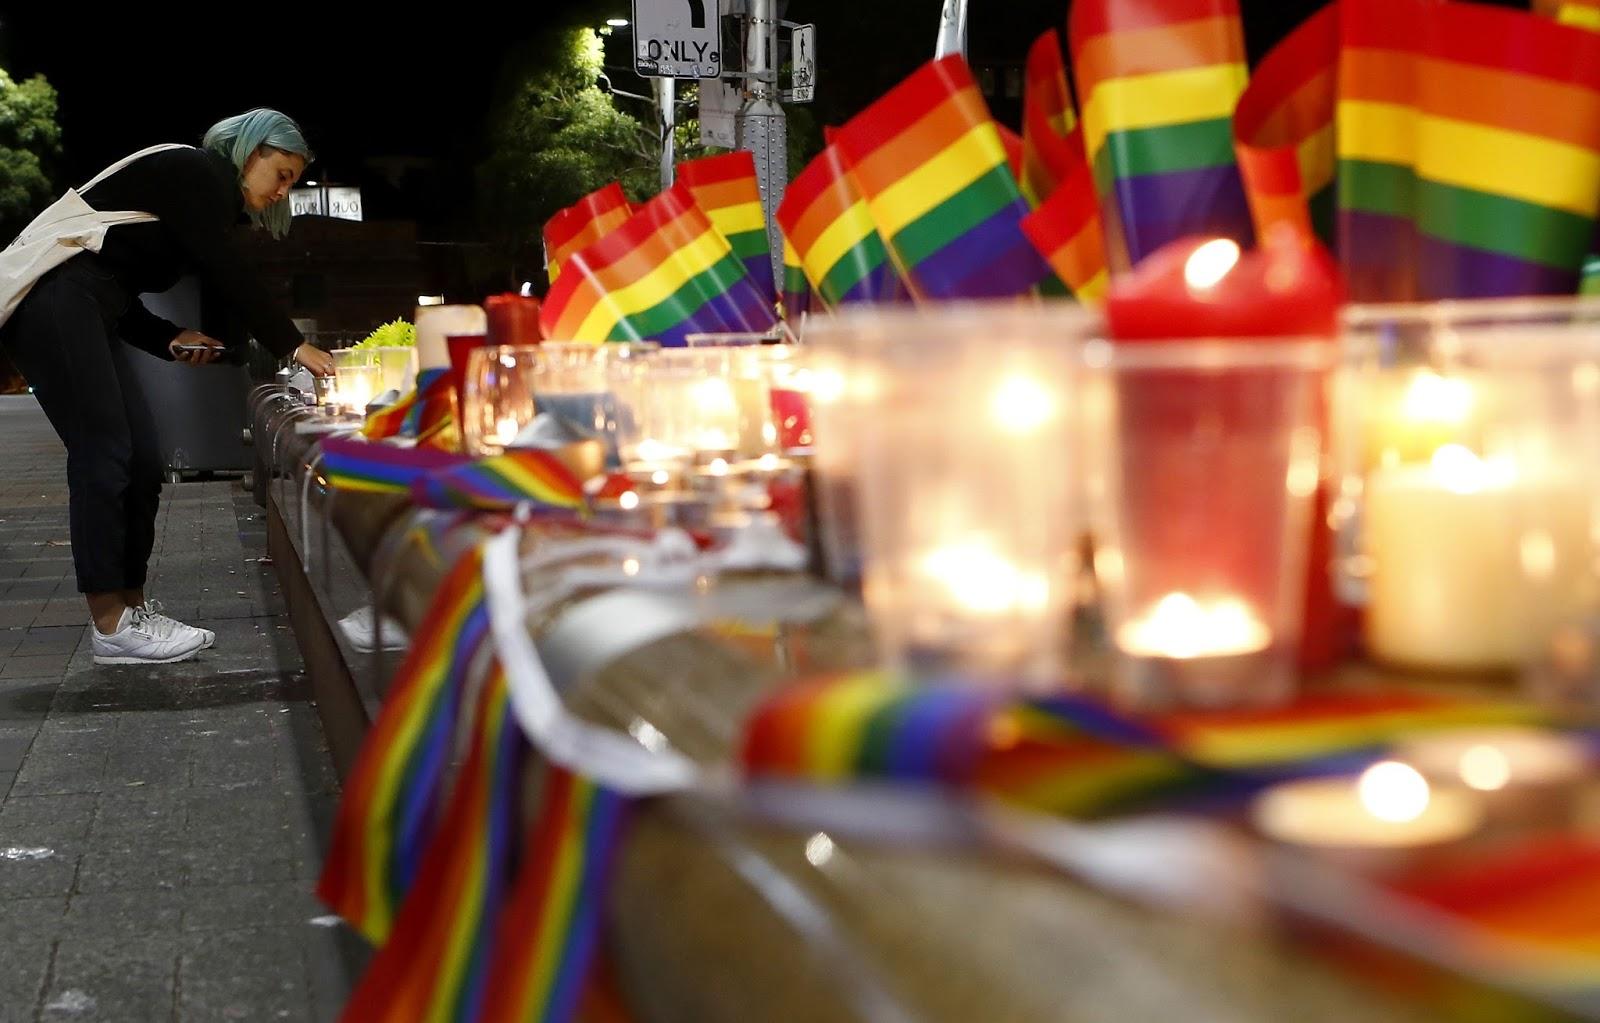 Familiares de 3 vítimas da boate Pulse processam Google, Facebook e Twitter